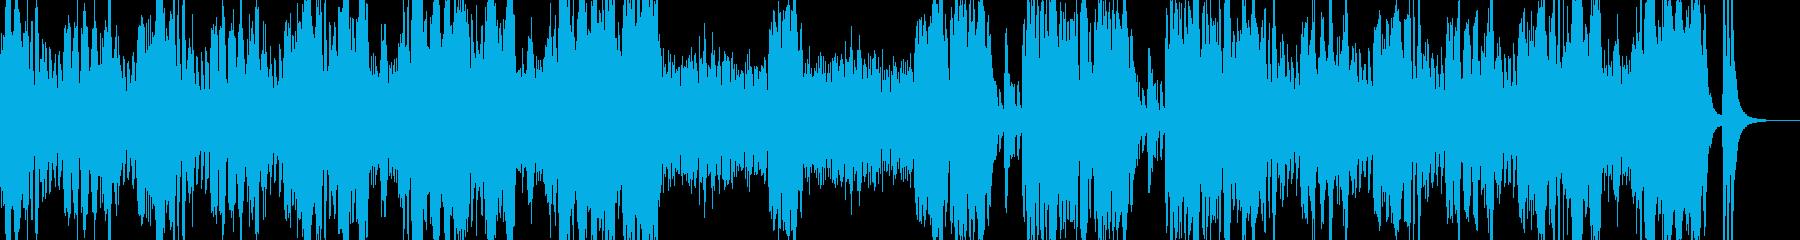 クシコスポスト(運動会の曲)の再生済みの波形